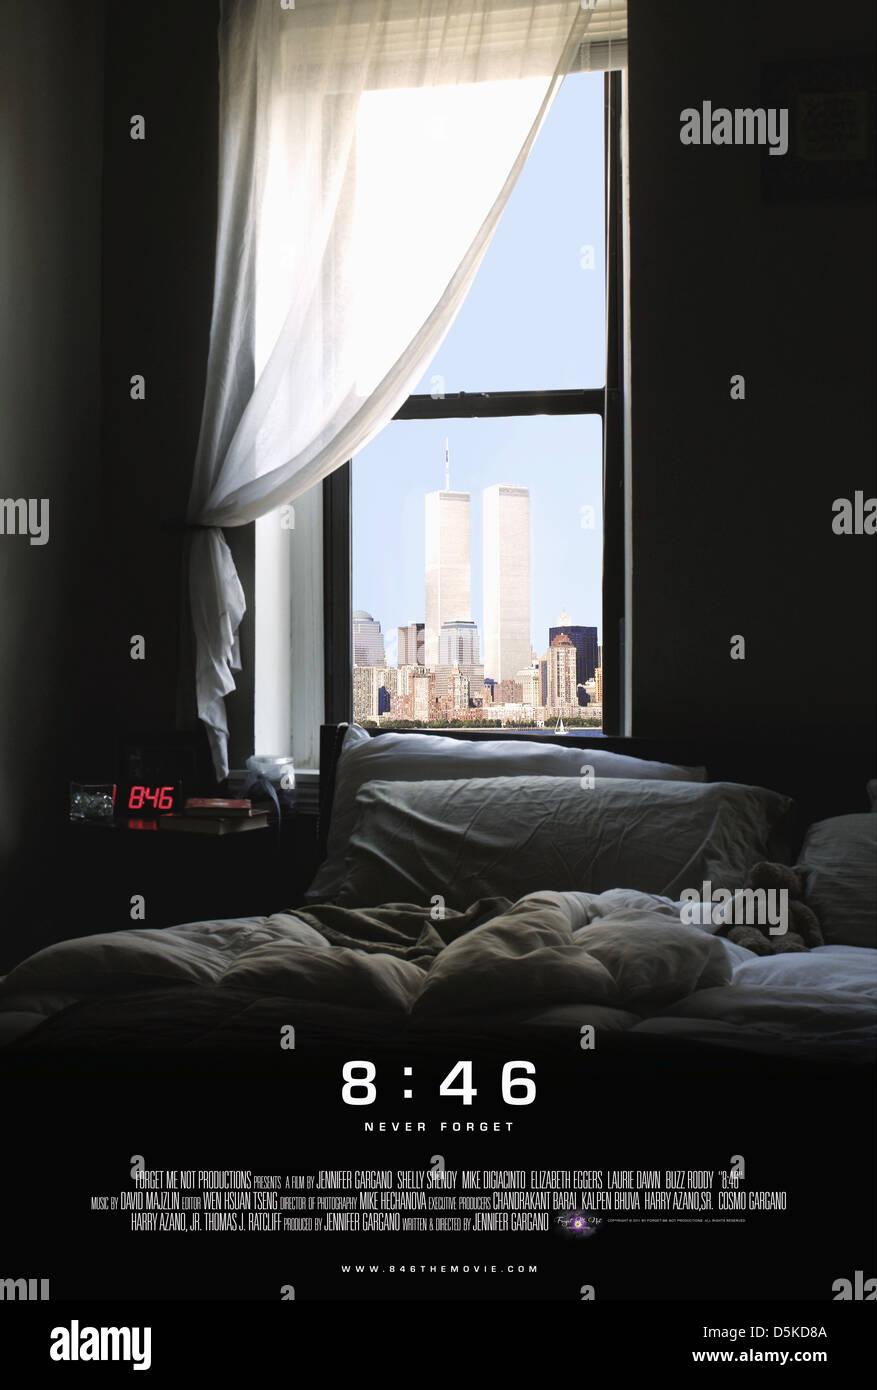 Poster Della Camera Da Letto Immagini E Fotos Stock Alamy